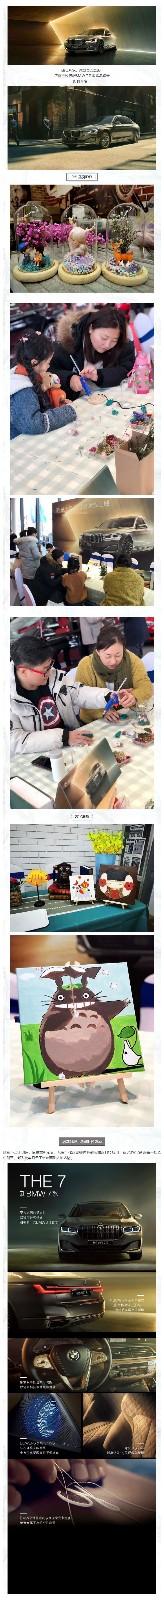 济南宝悦行新bmw-7系家庭品鉴会完美落幕!_